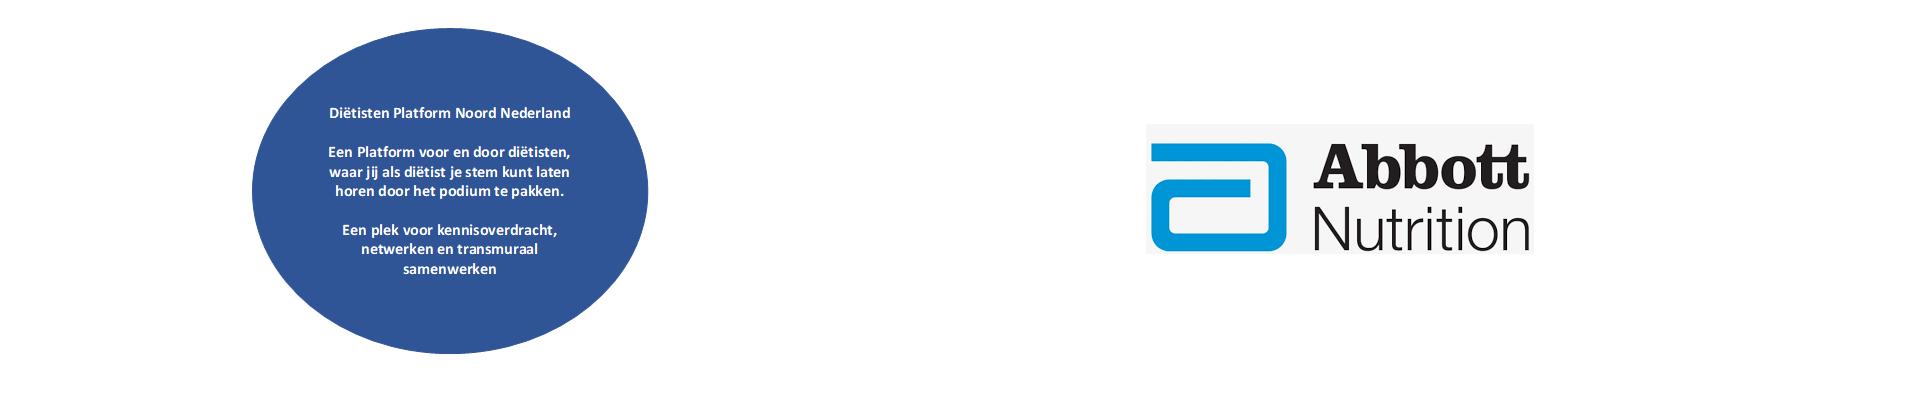 Regionaal Webinar Herstelzorg Covid-19 |  Abbott